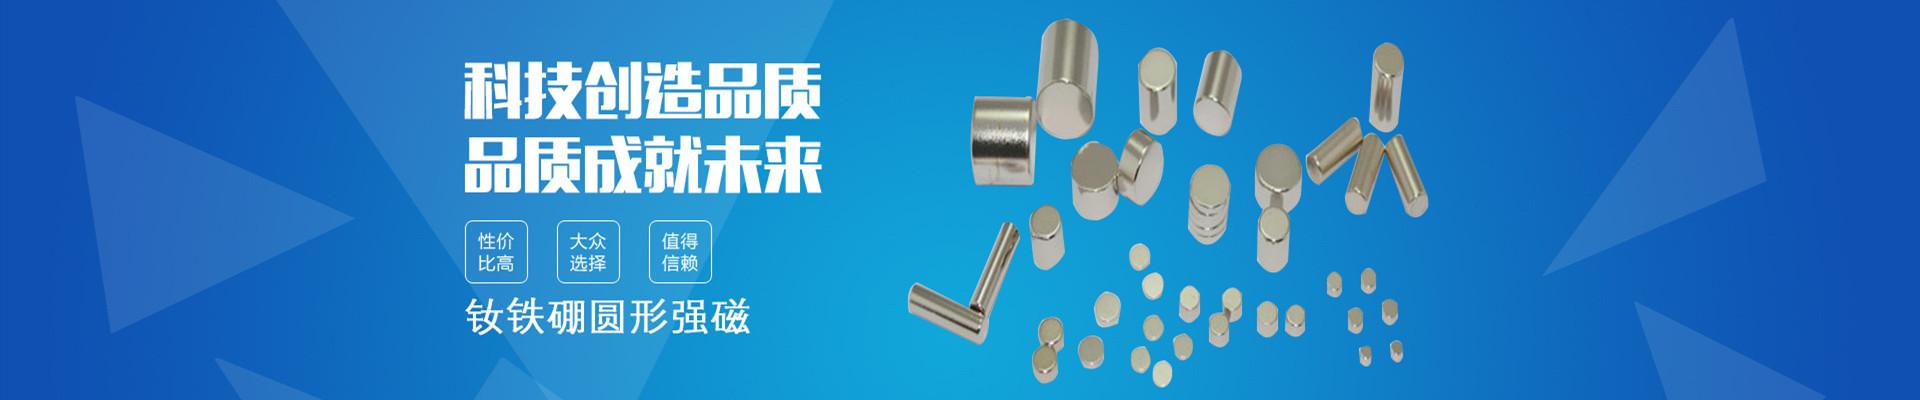 合肥乾冠磁性材料有限公司